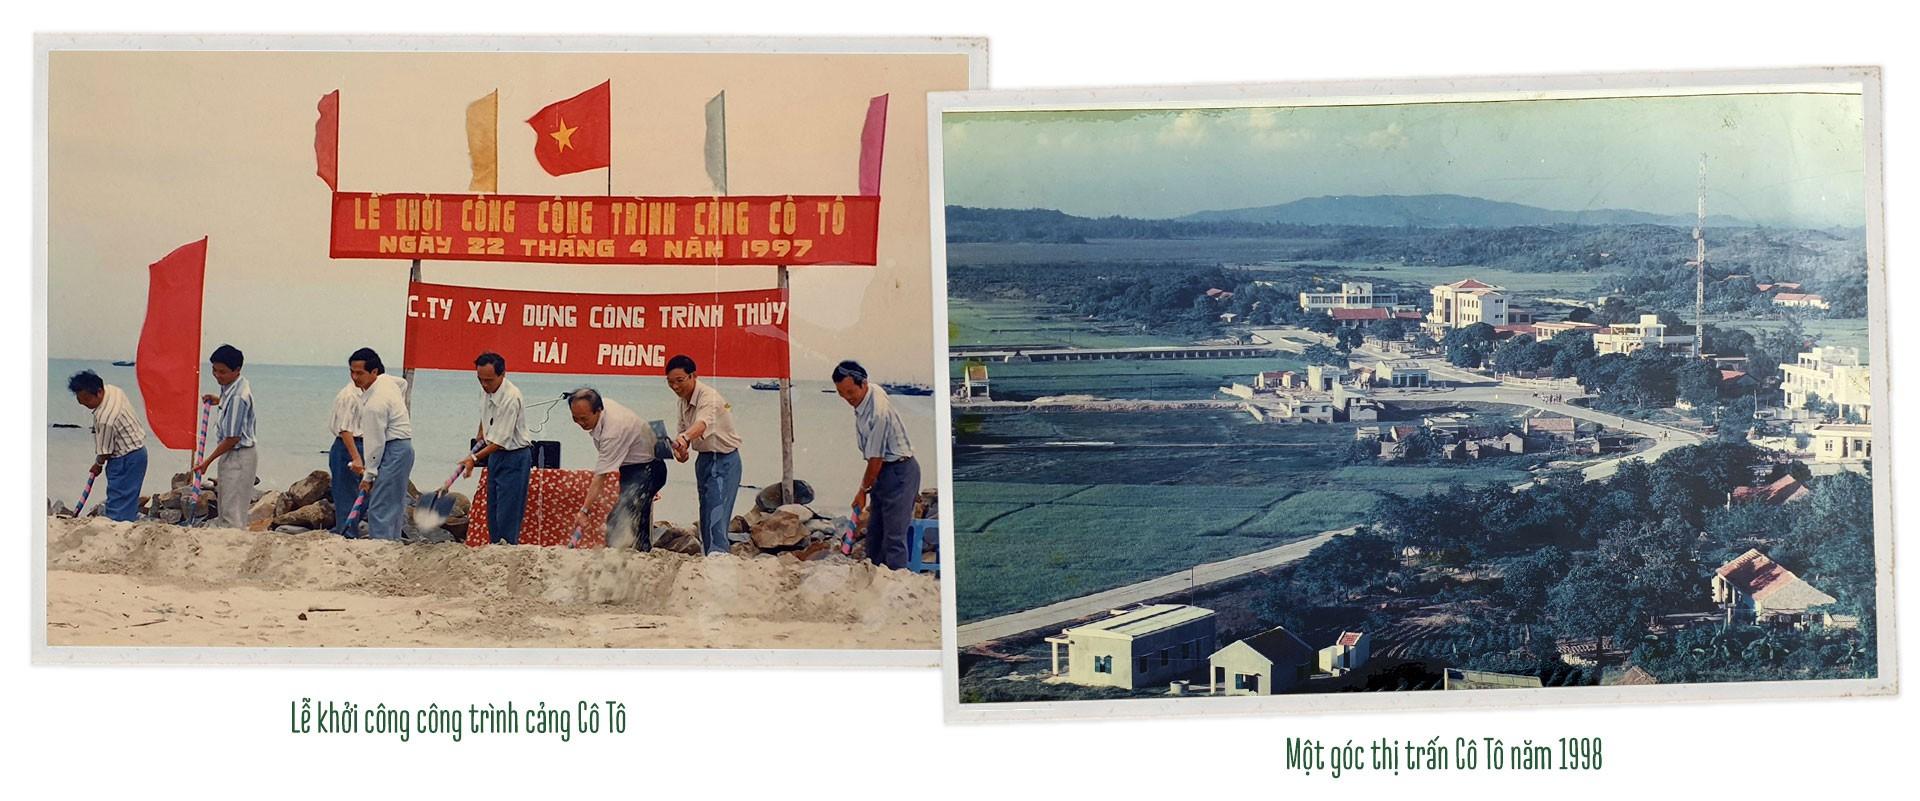 Đảo Cô Tô - thiên đường du lịch vùng Đông Bắc - Ảnh 7.